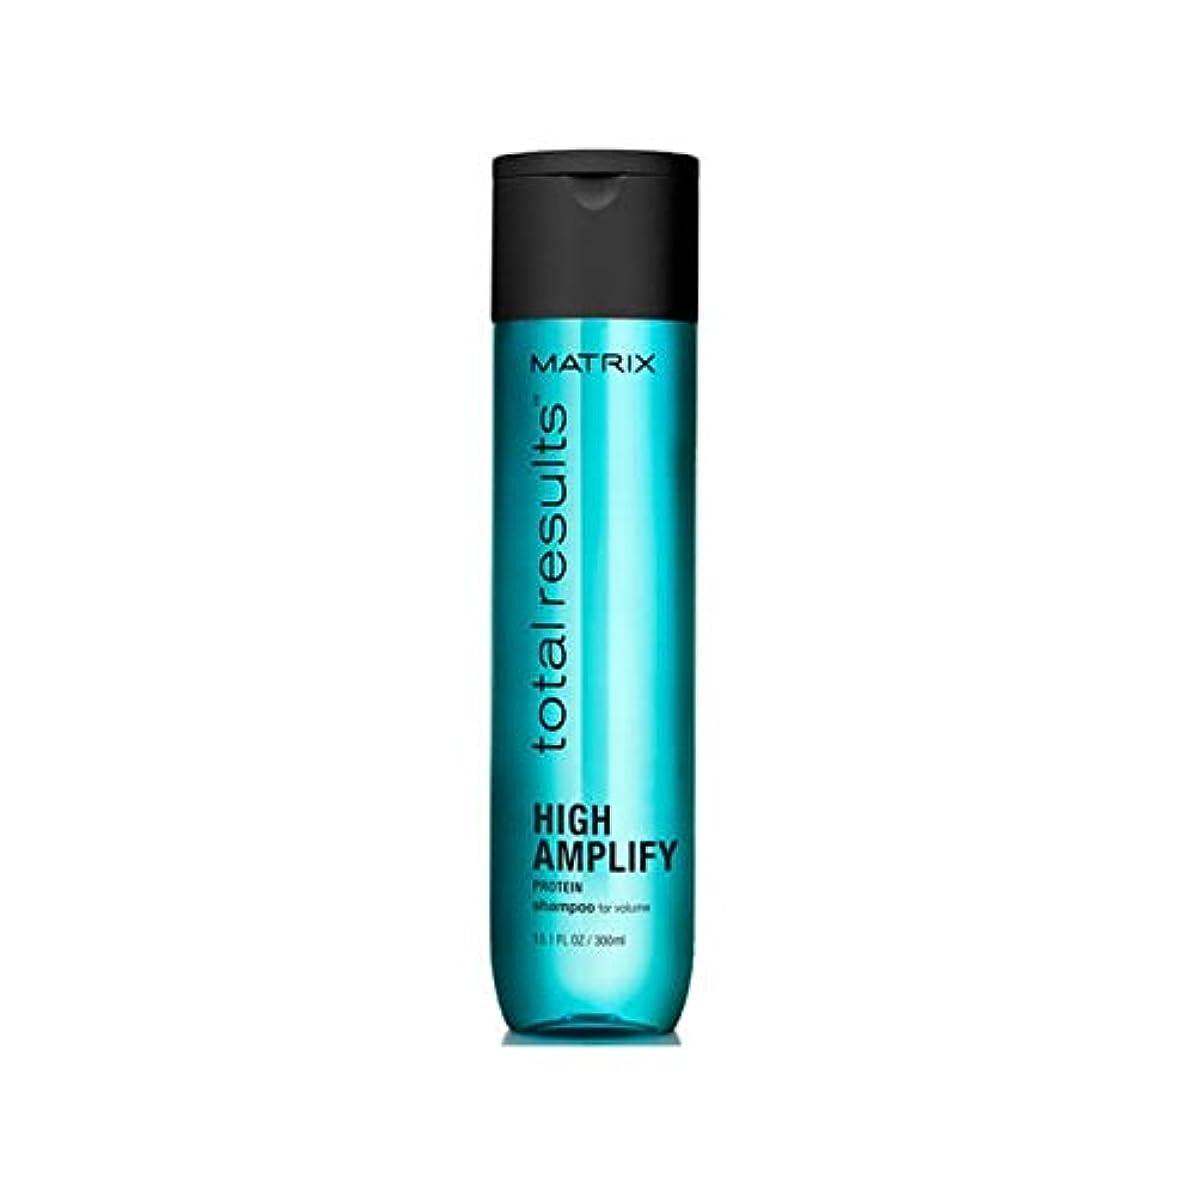 警察有彩色のフォークマトリックスの総結果高いシャンプー(300ミリリットル) x4 - Matrix Total Results High Amplify Shampoo (300ml) (Pack of 4) [並行輸入品]